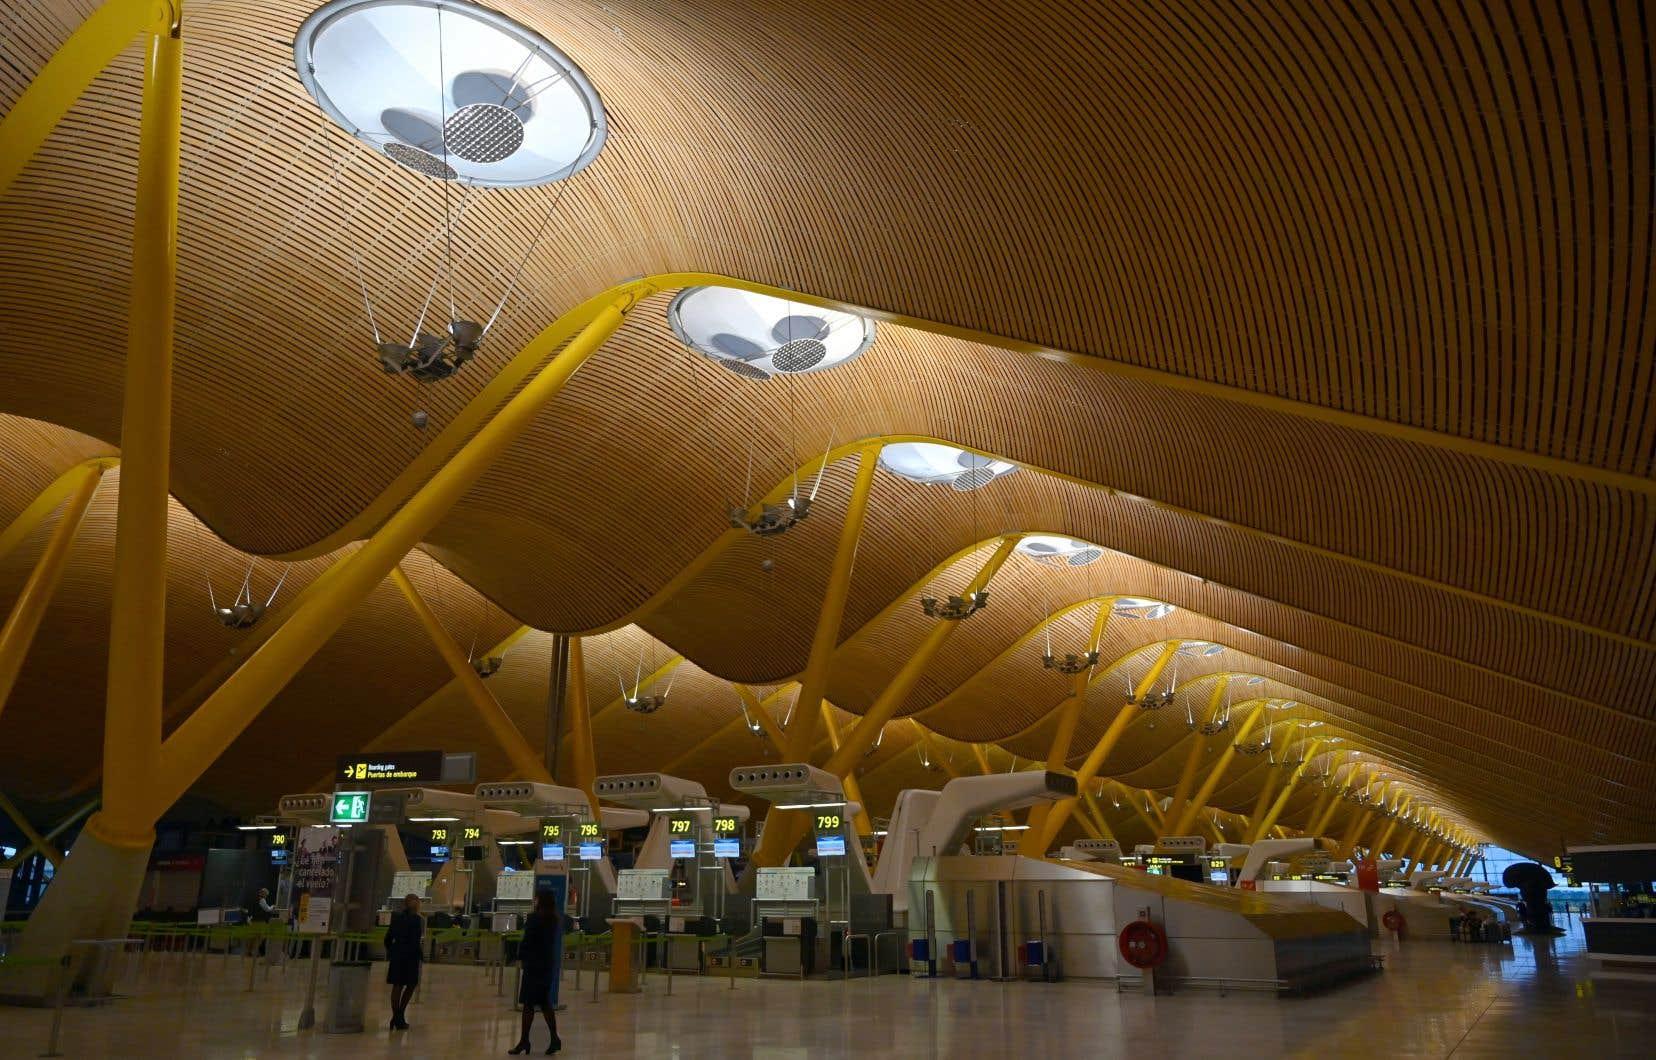 L'aéroport Madrid-Barajas Adolfo Suarez à Barajas le 16 mai 2020. L'Espagne a commencé vendredi à renforcer le contrôle des voyageurs internationaux arrivant à ses aéroports.